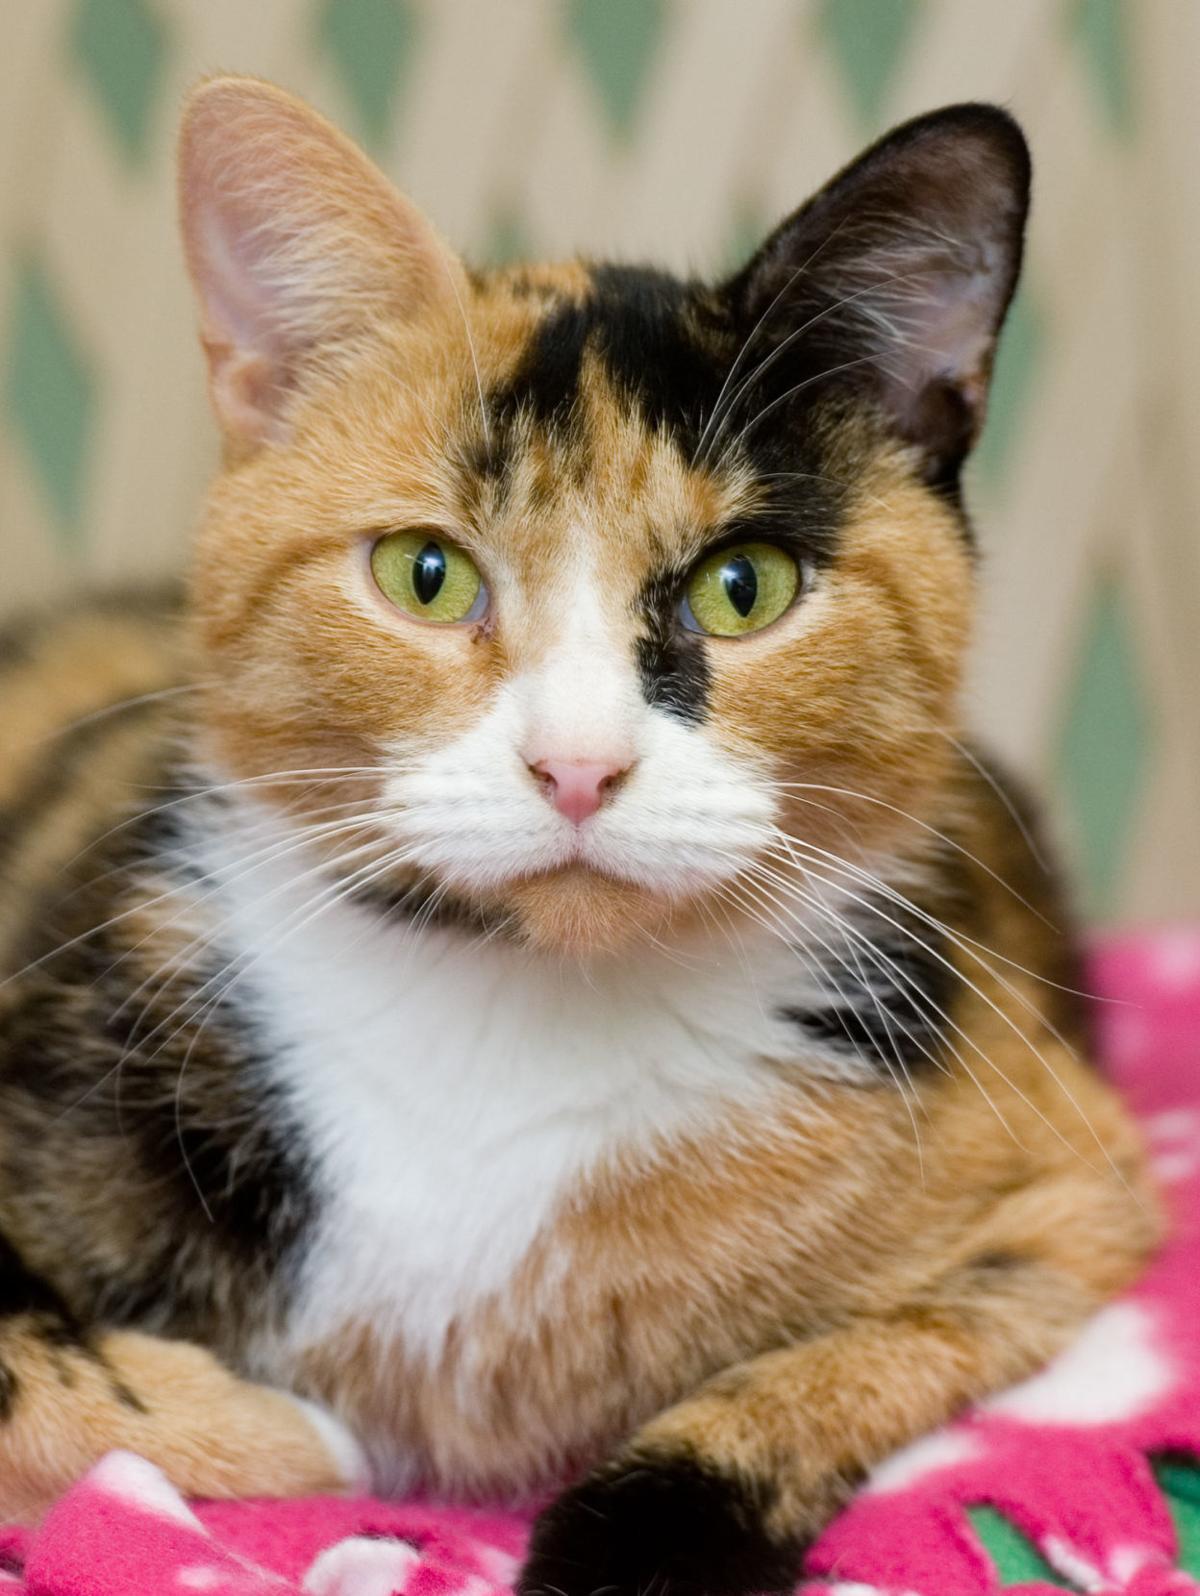 120818-mat-pets-cat-KK.jpg